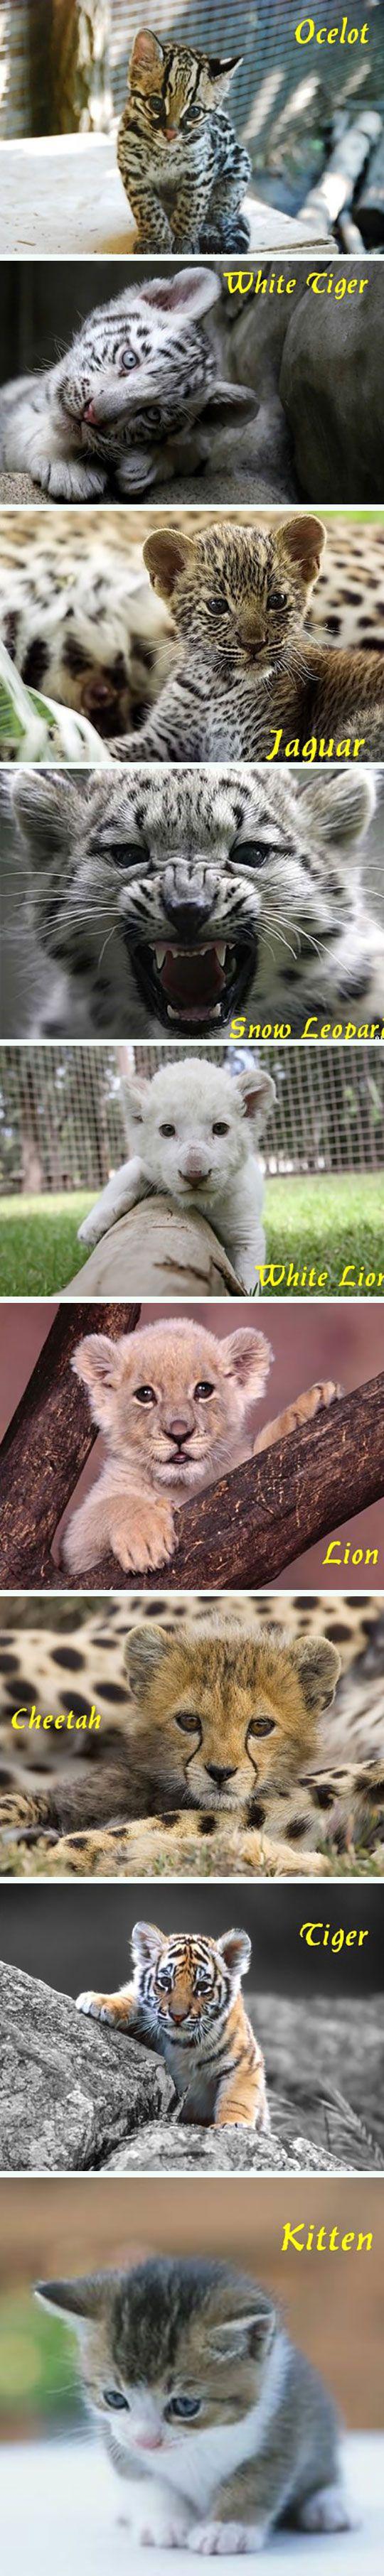 Feline Babies I want a kitten-love pile of ALL of them!  Behbee snow leopard is so fierce!!!!